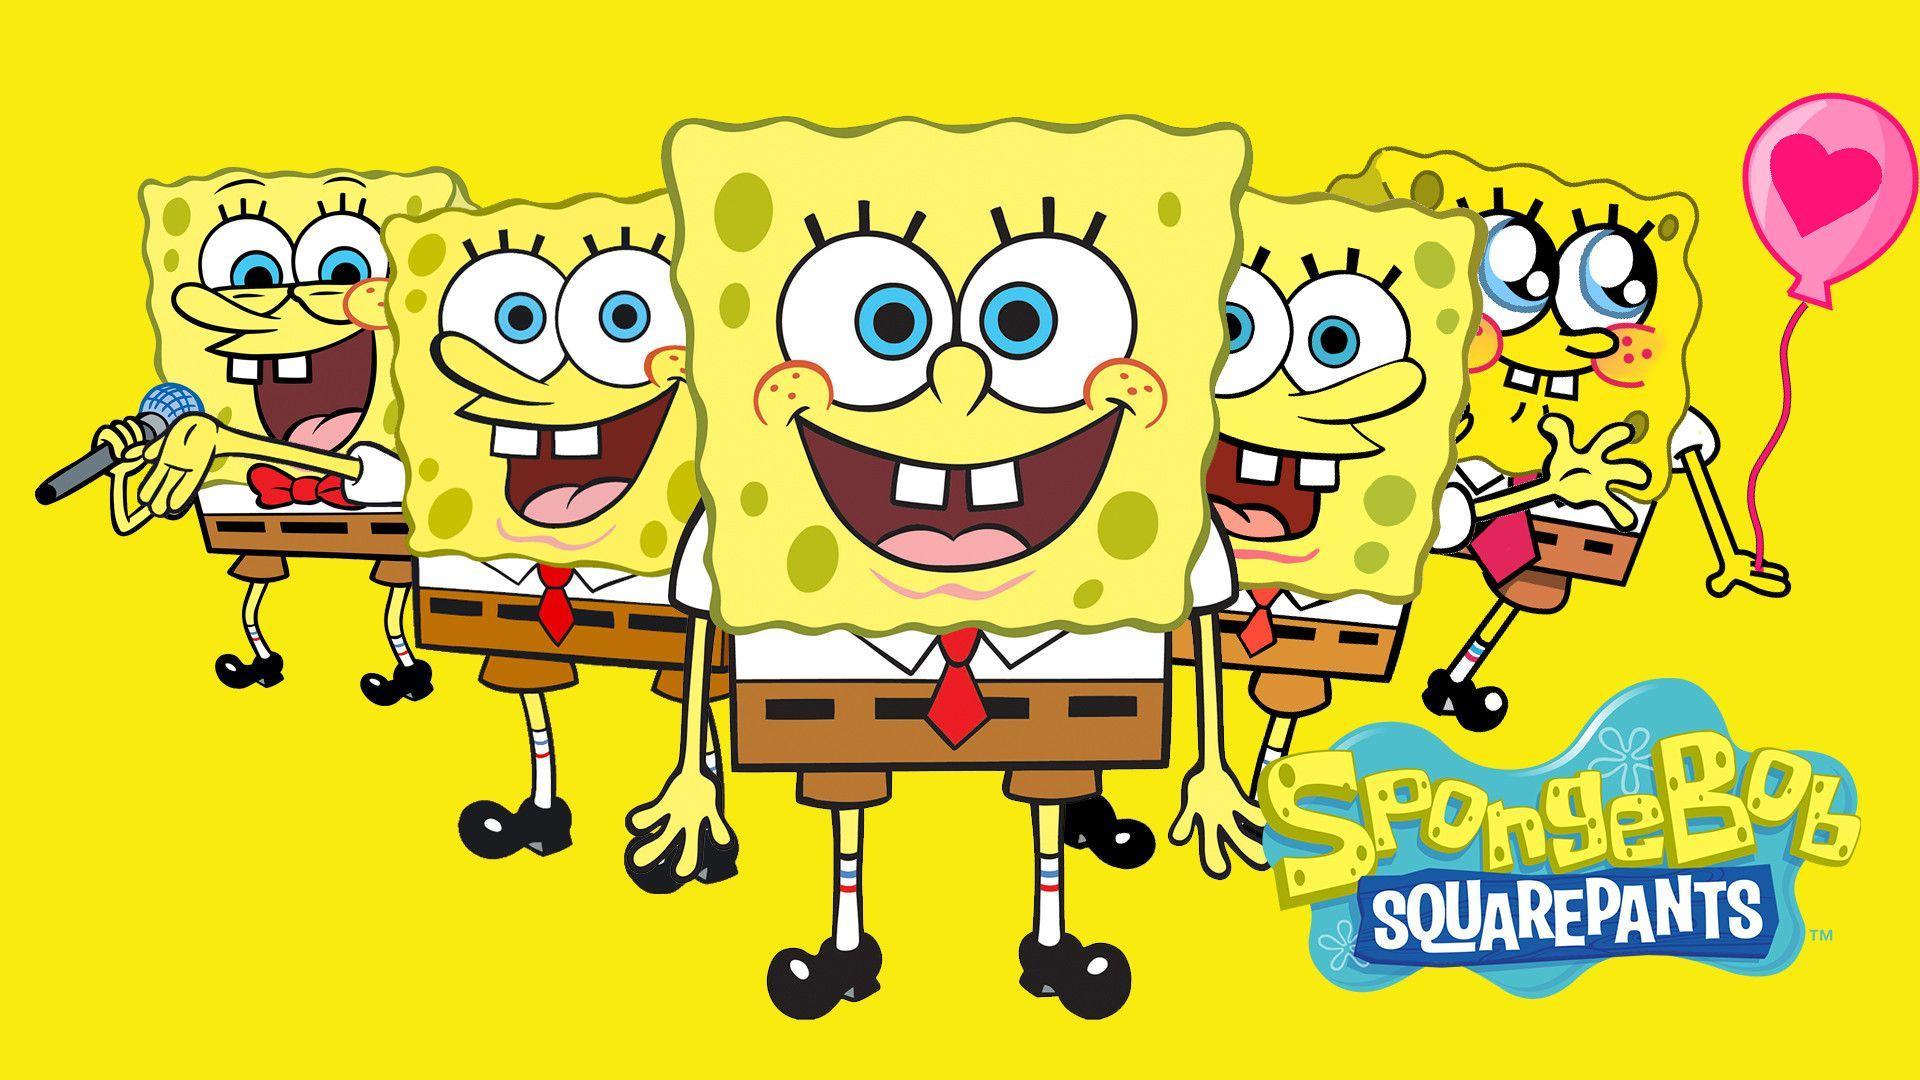 Spongebob Funny Wallpapers Wallpaper Cave